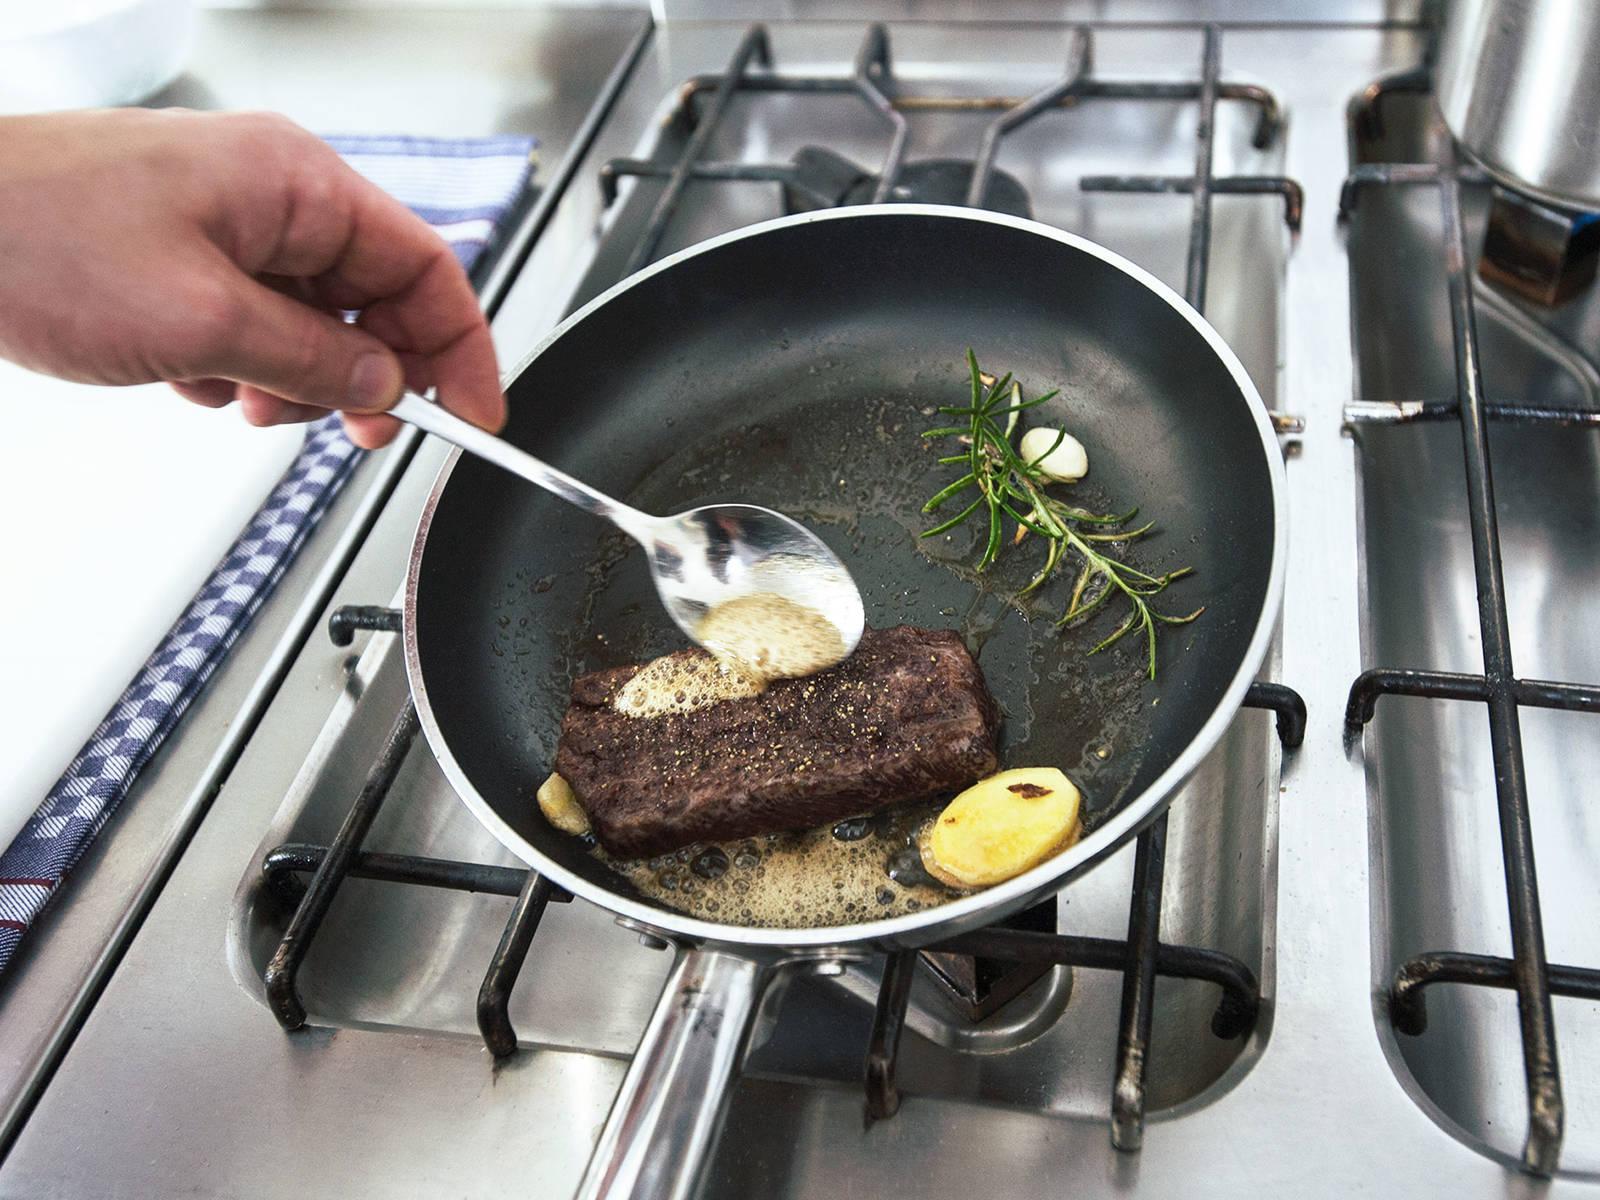 中火加热煎锅,放入些许黄油、蒜、姜和迷迭香。倒入鹿肉,翻炒加热,使其完全裹上黄油,然后撒胡椒调味。